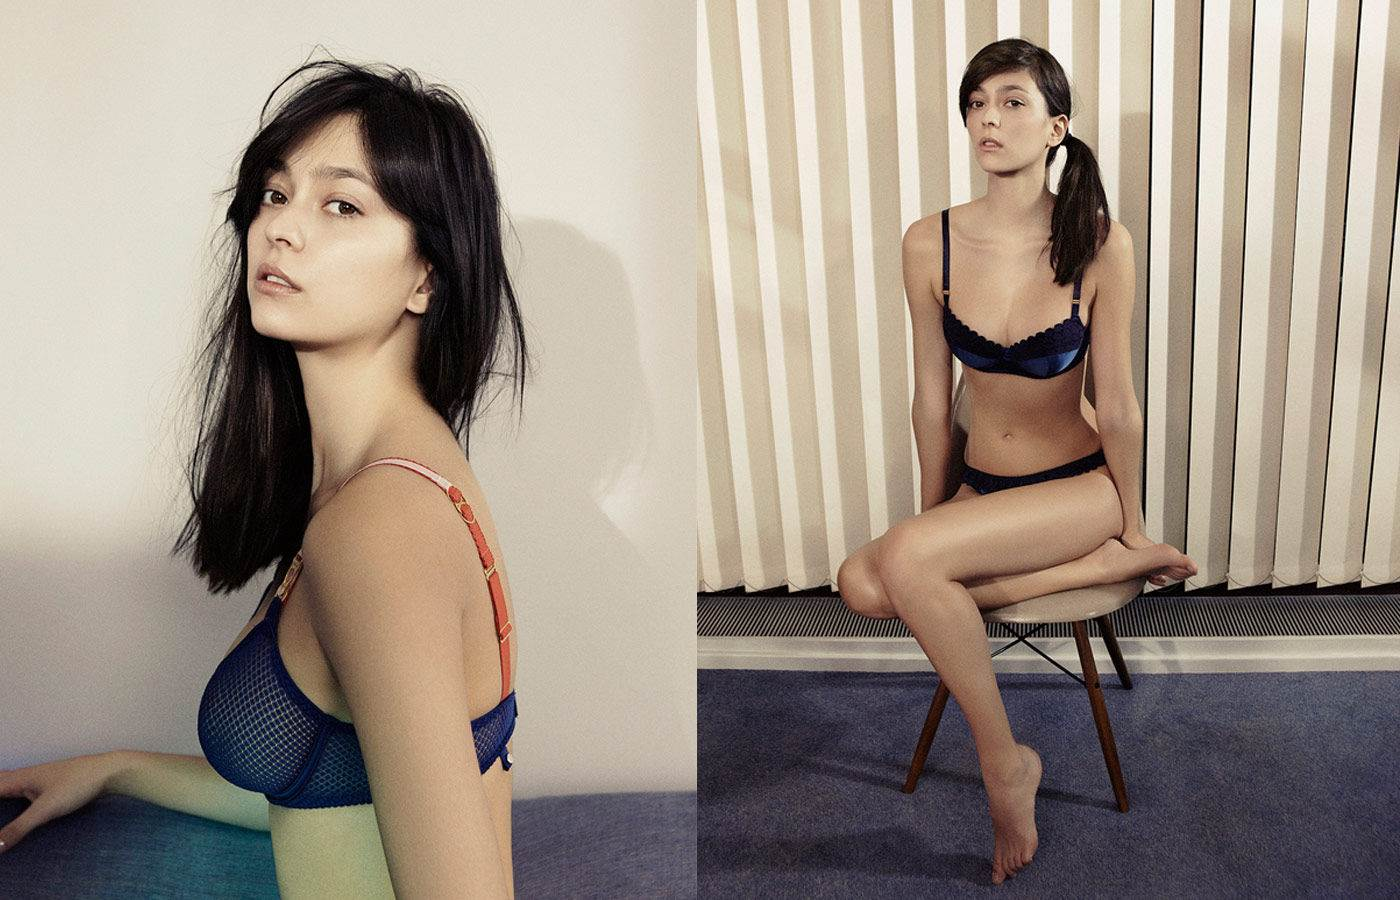 【外人】世界のトップモデルのモルガン・デュブレ(Morgane Dubled)のセクシー下着ポルノ画像 2755